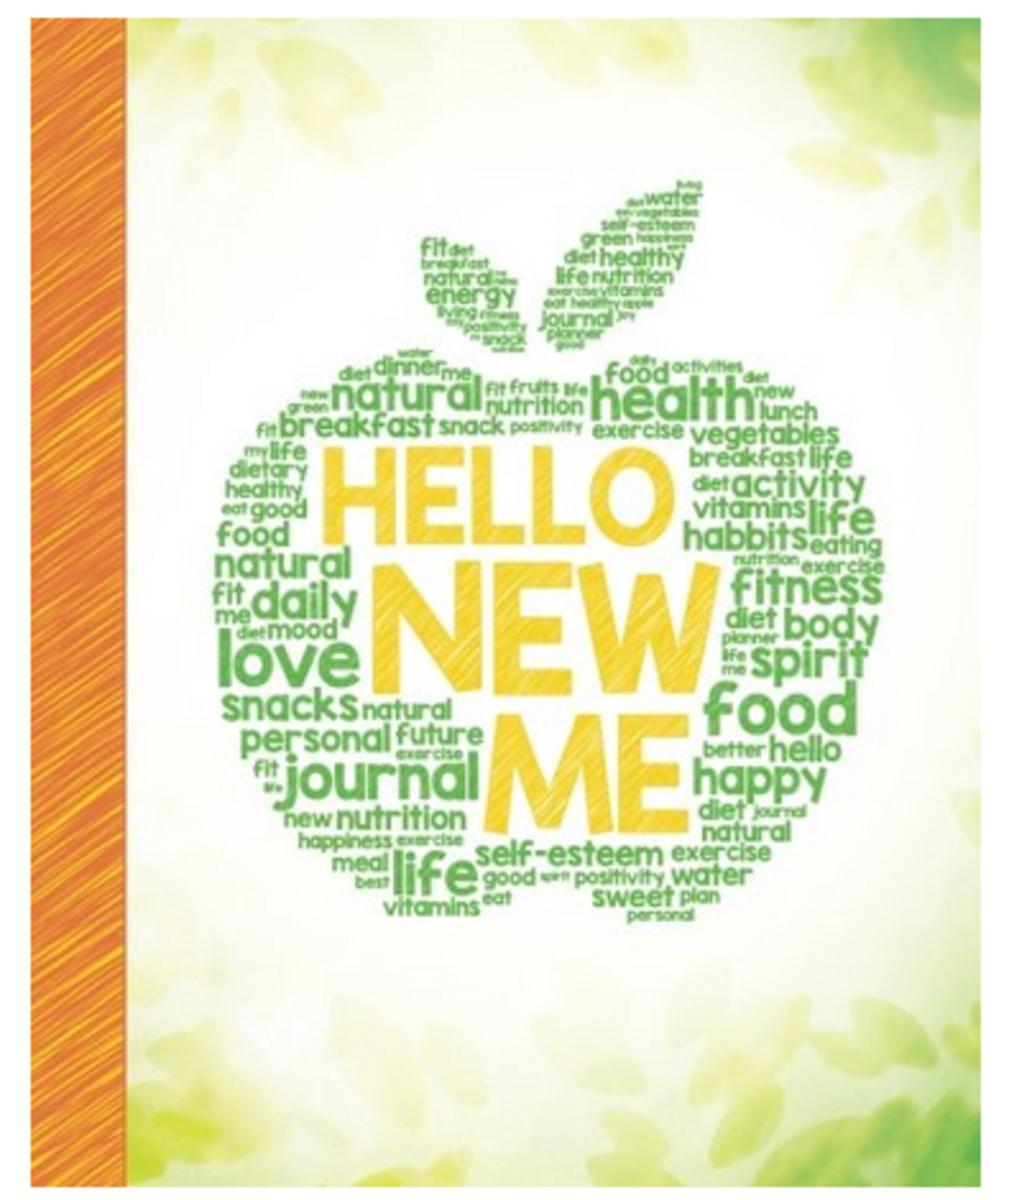 5-great-food-journals